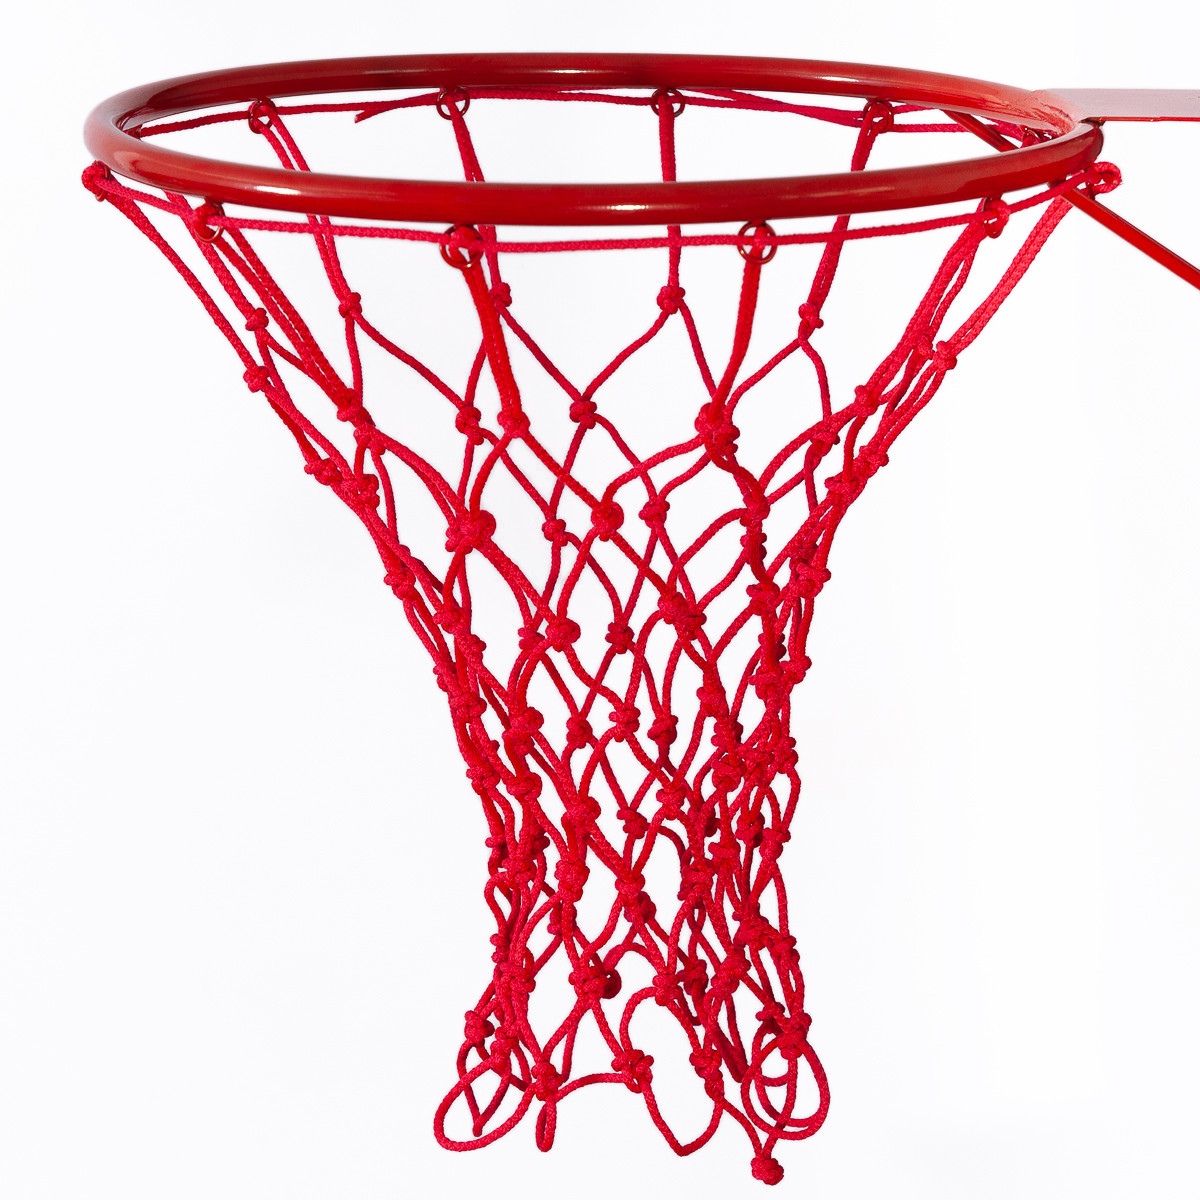 Сетка баскетбольная «СТАНДАРТ», шнур диаметром 4,5 мм. (стандартная) красная для Республики Беларусь